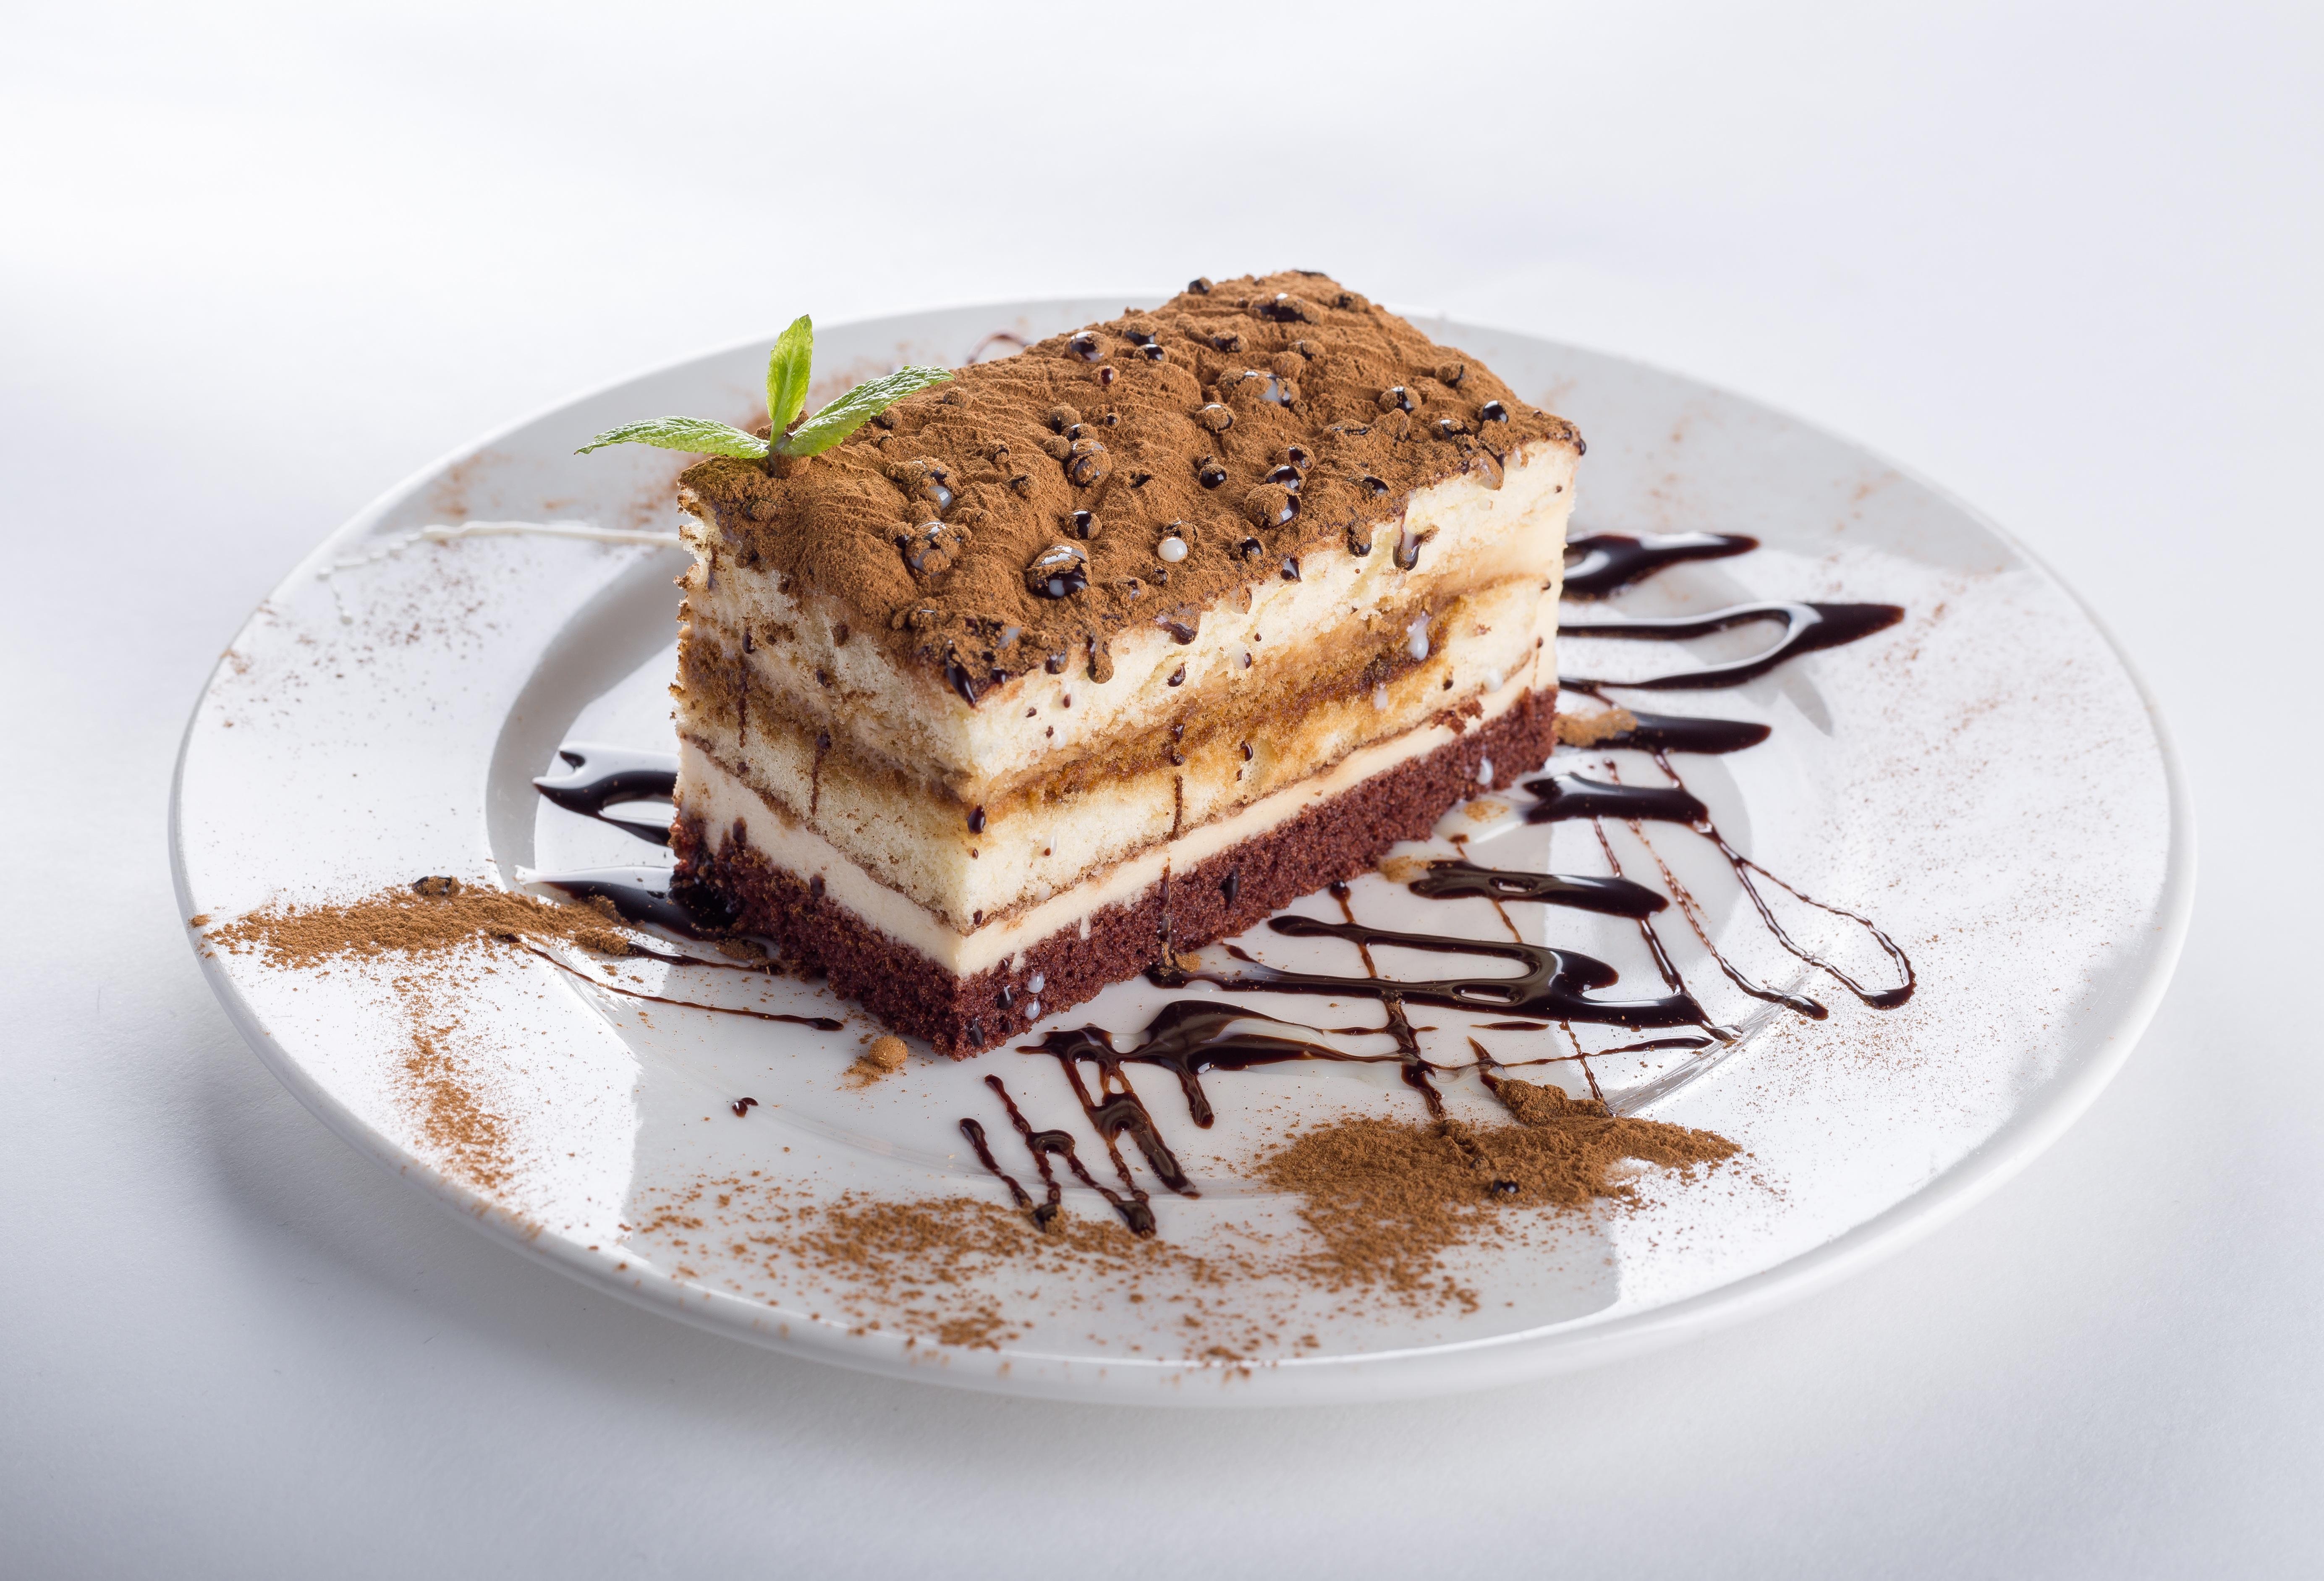 рецепты пирожное фото изделия кондитерские